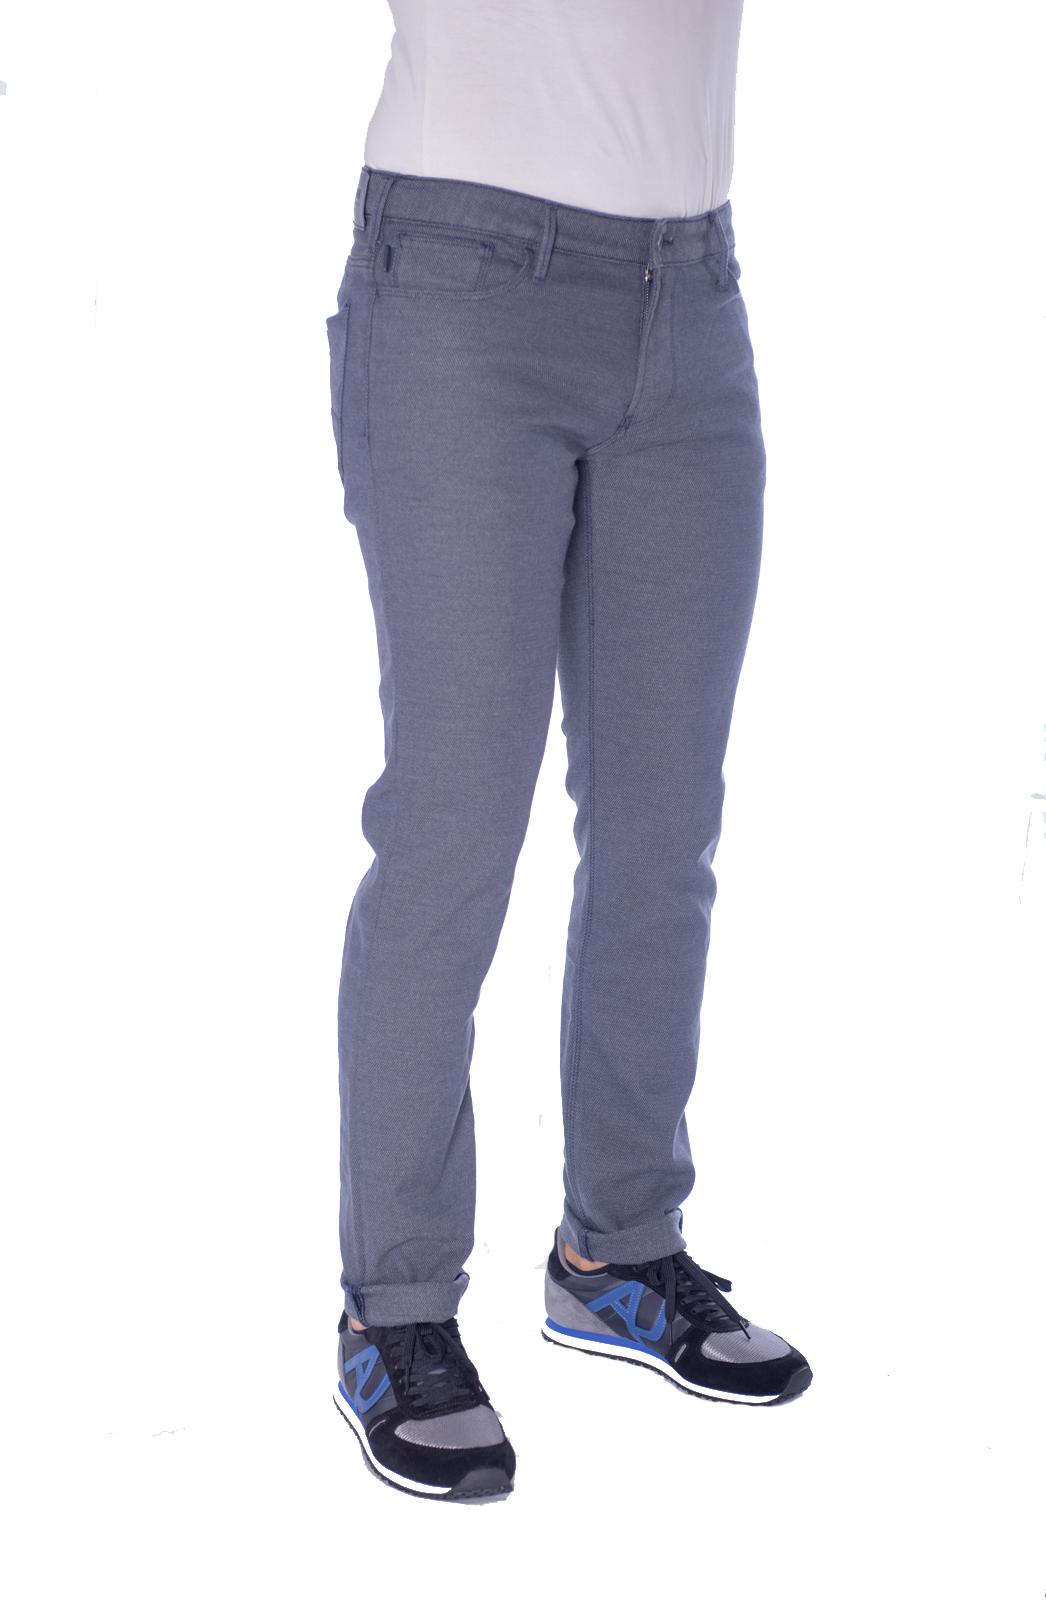 Pantaloni Micro Fantasia Micro Micro Fantasia Armani Jeans Pantaloni Armani Pantaloni Jeans XuPZOkiT